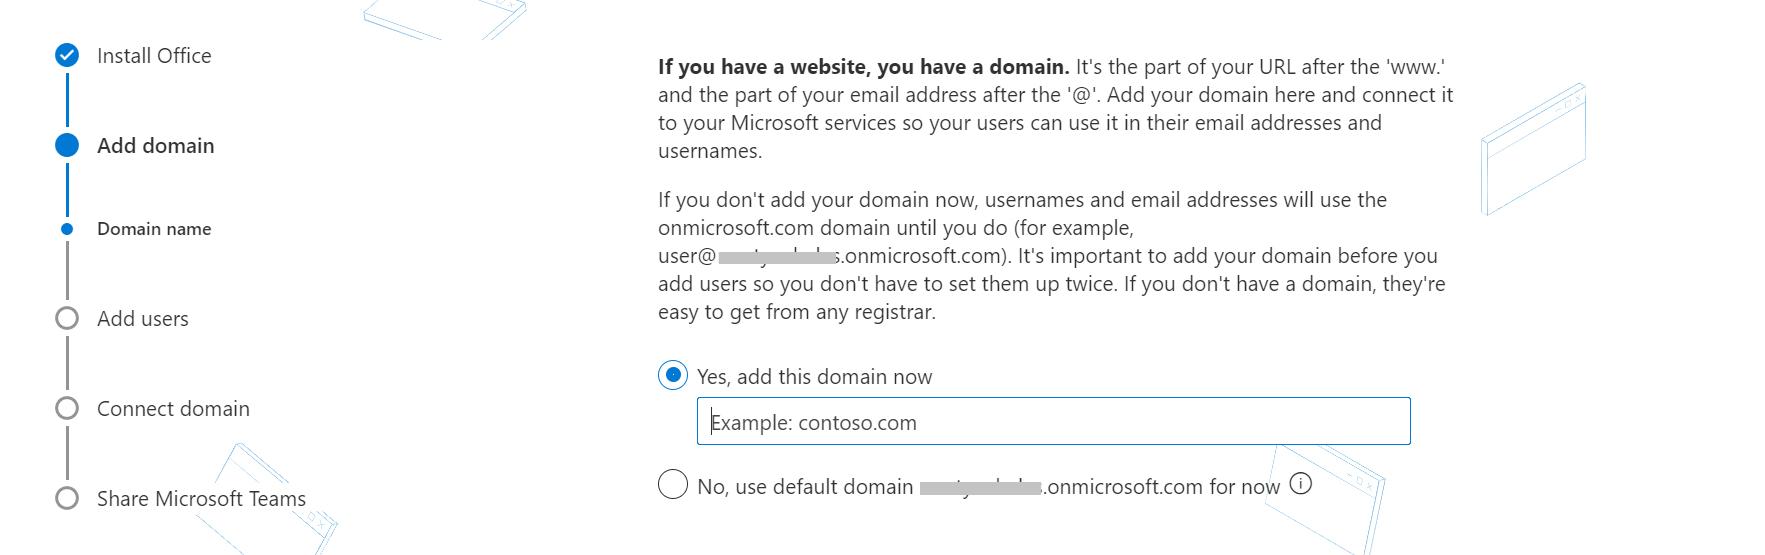 Configure una dirección de correo electrónico personalizada agregando un dominio a Office 365.